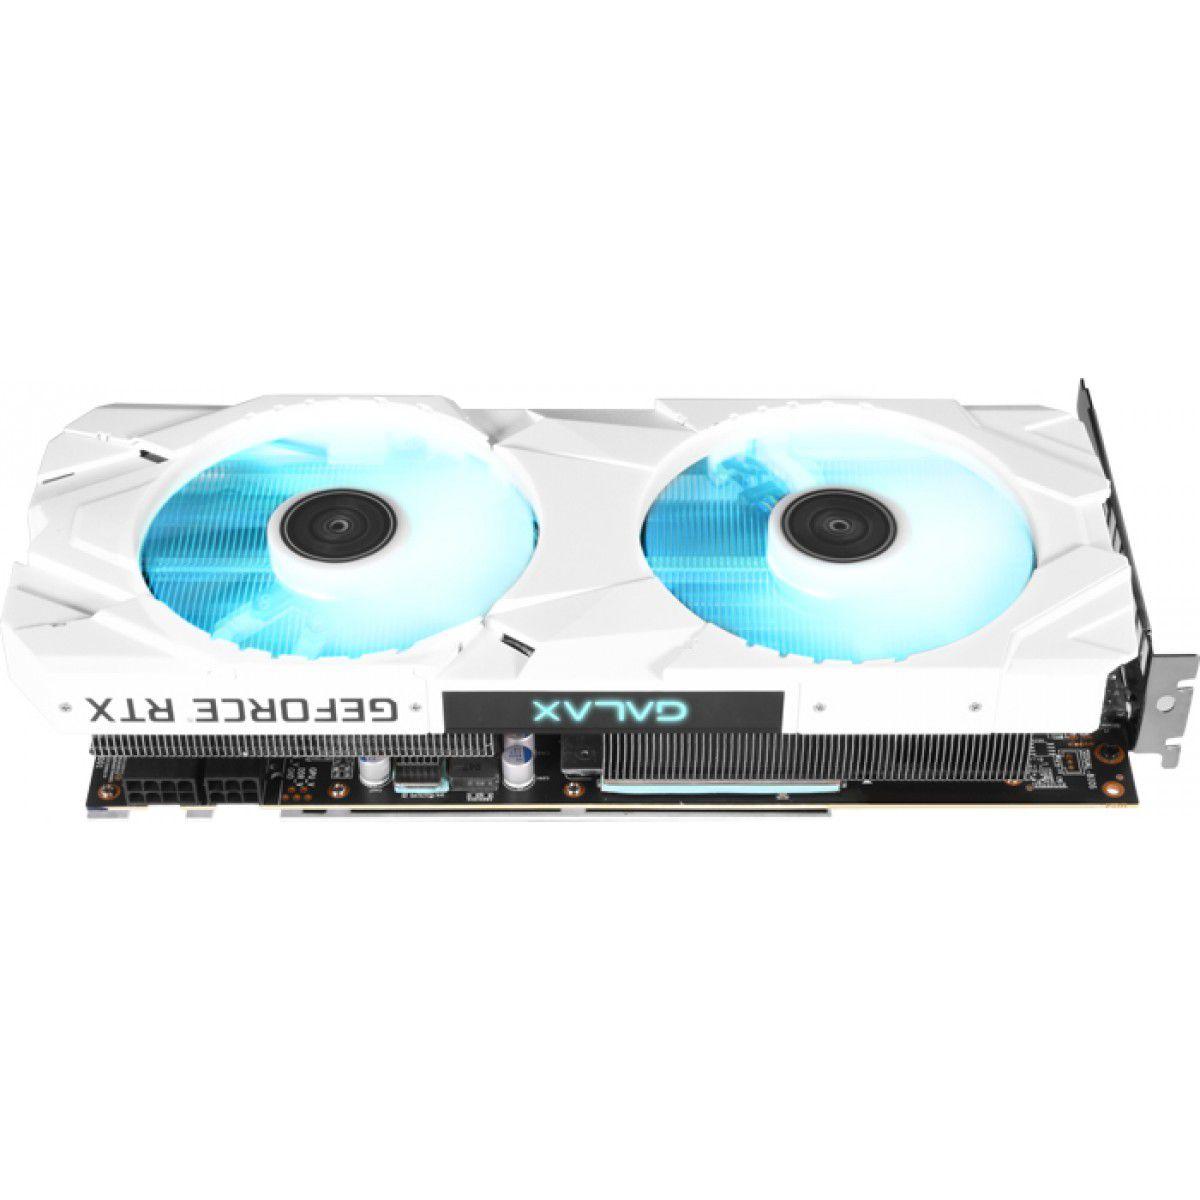 PLACA DE VIDEO GALAX GEFORCE RTX 2060 8GB SUPER EX WHITE 1CLICK OC 256B GALAX 26ISL6MPX6EW